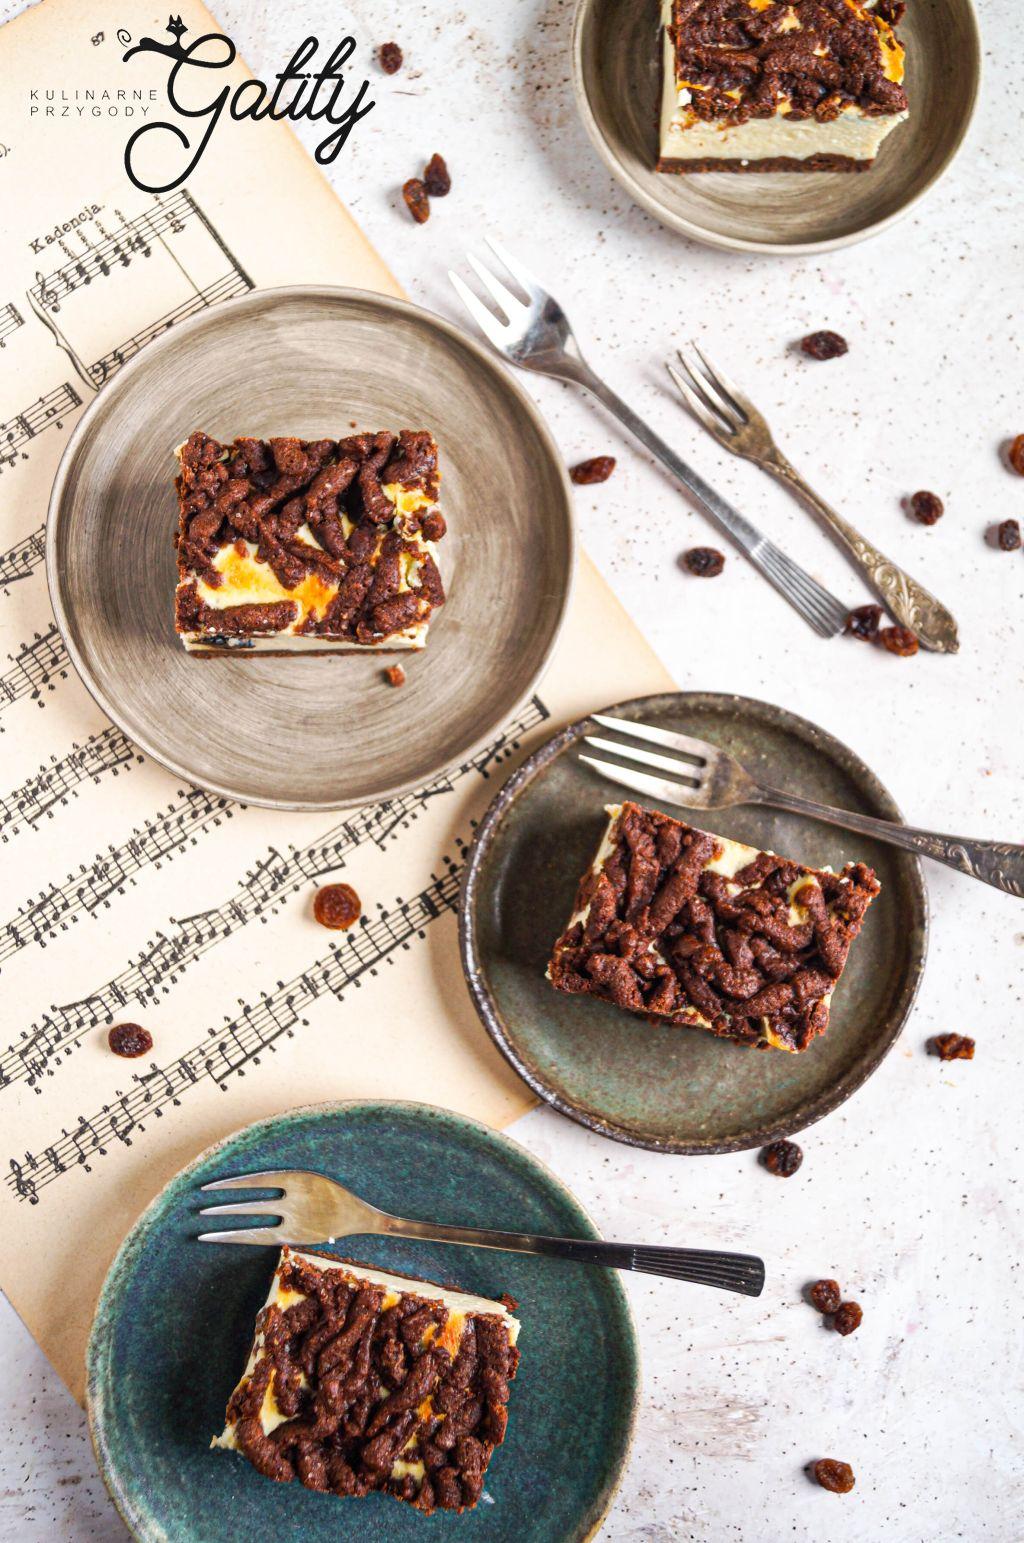 bialo-brazowe-ciasto-na-talerzu